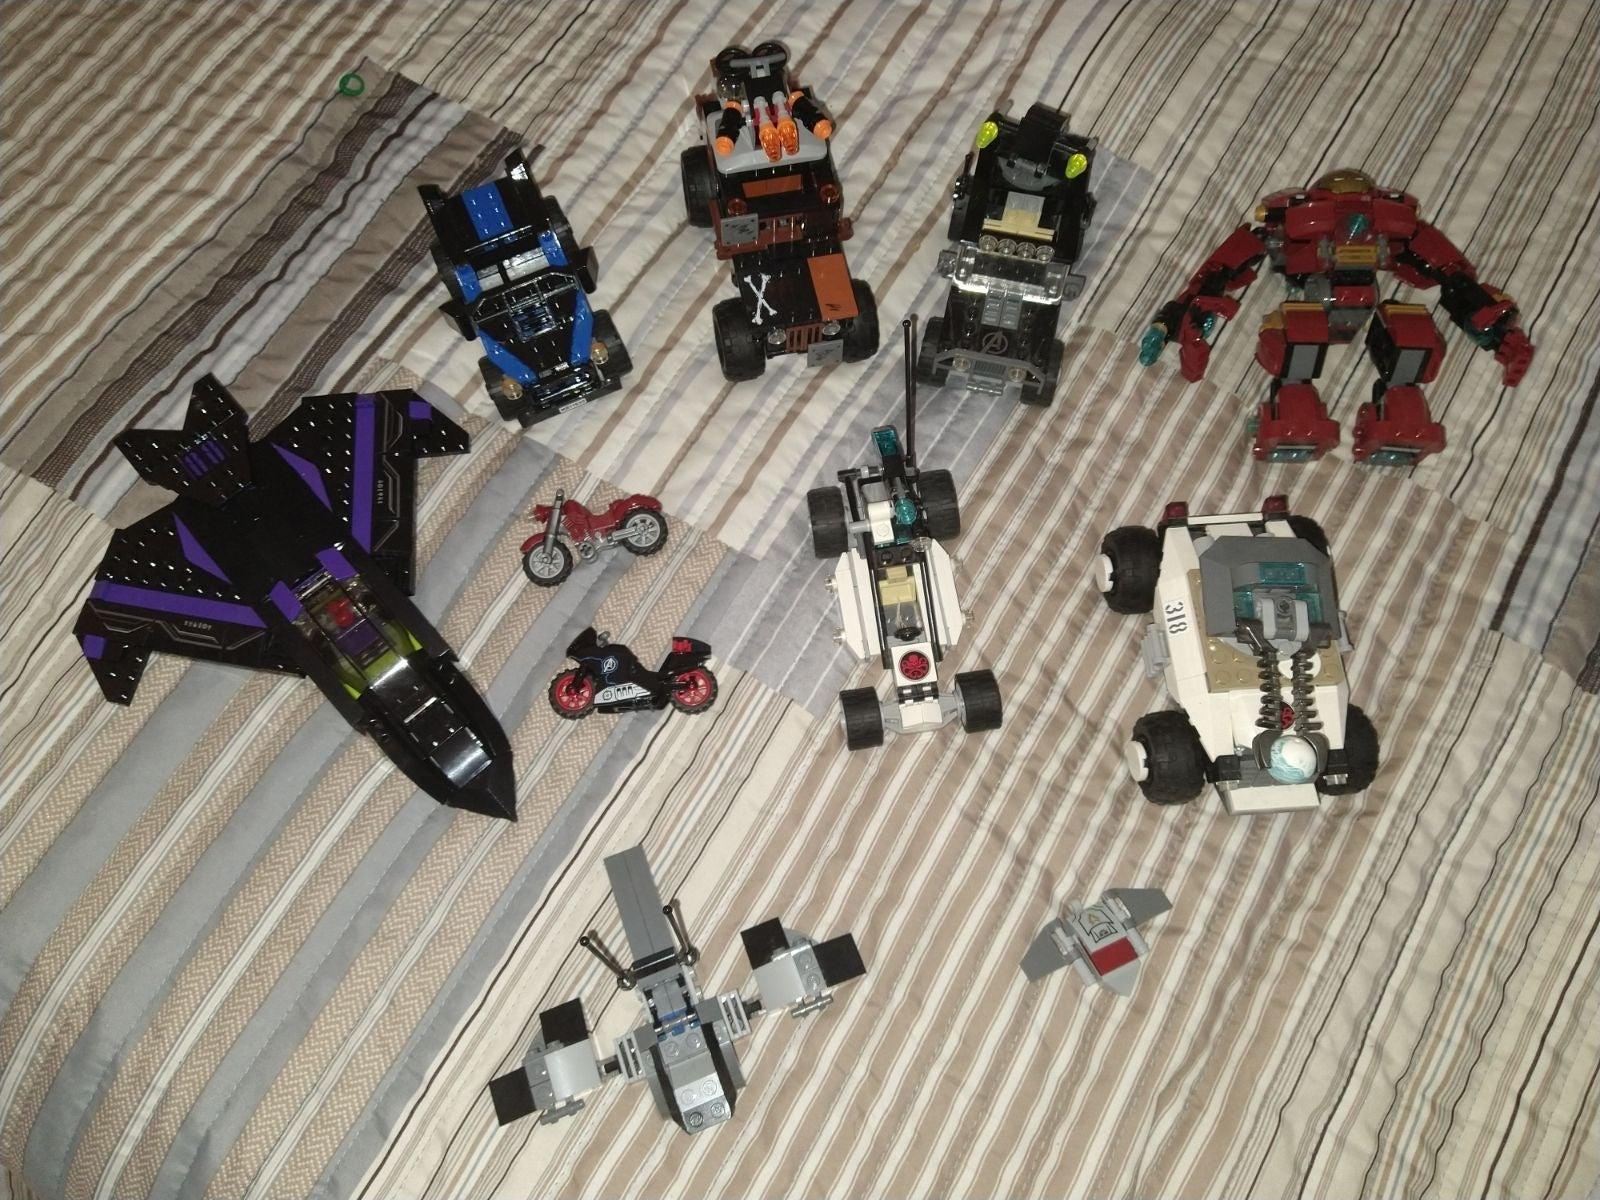 Lego Marvel Vehicle/Accesory Etc. Lot